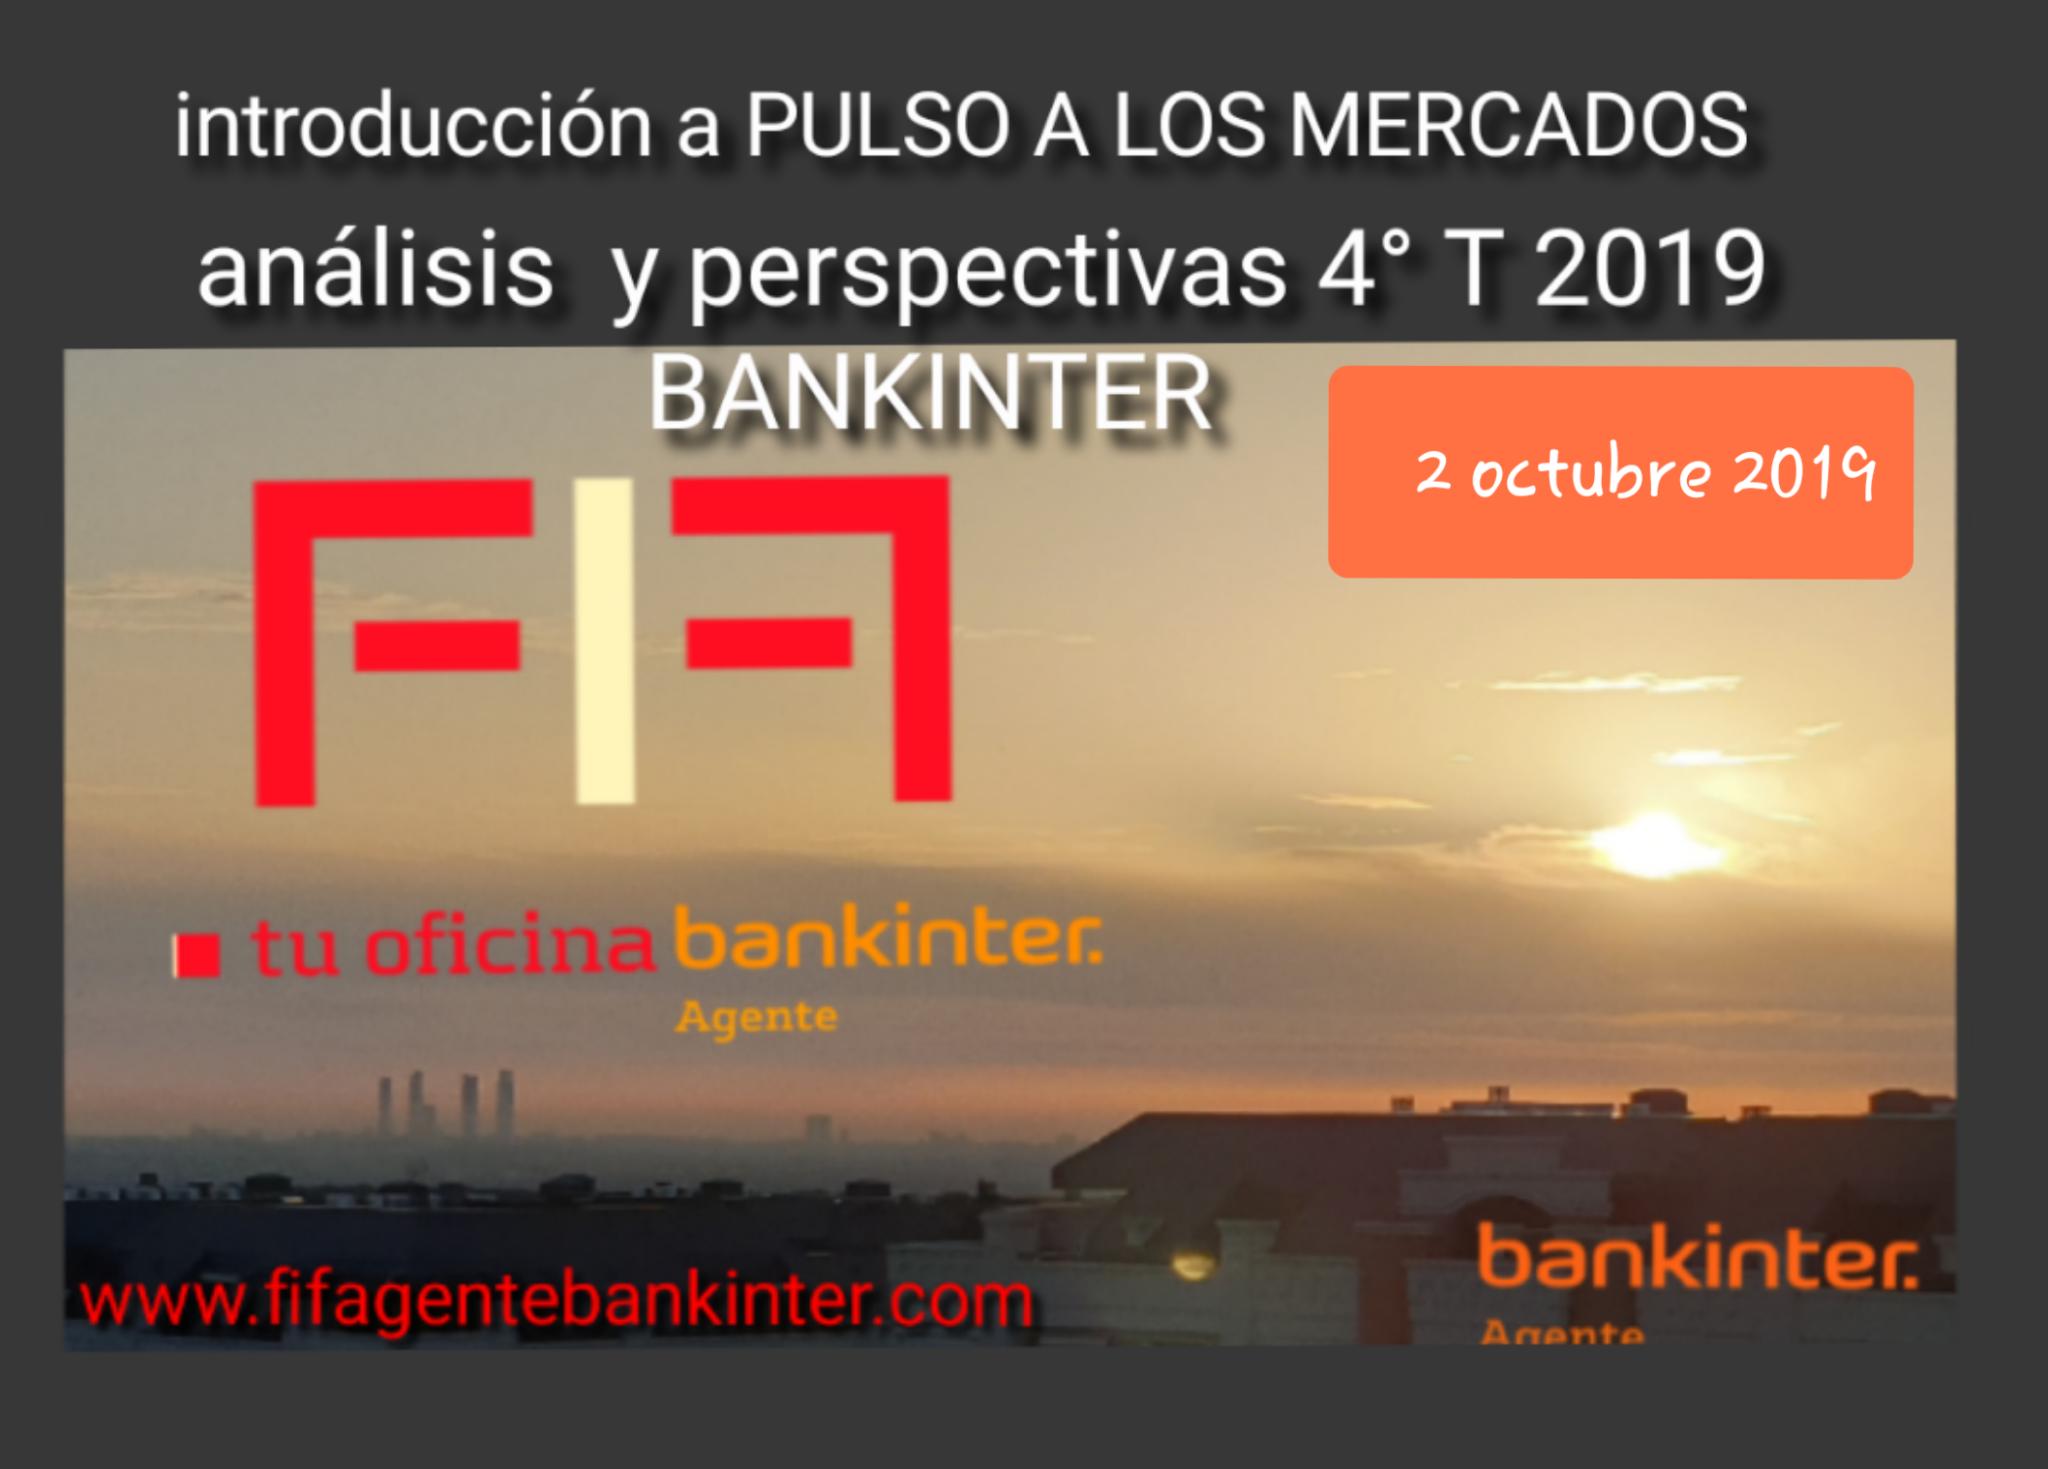 FIF BK ANÁLISIS 4º TRIMESTRE 2019 introducción PULSO A LOS MERCADOS 2oct 2019